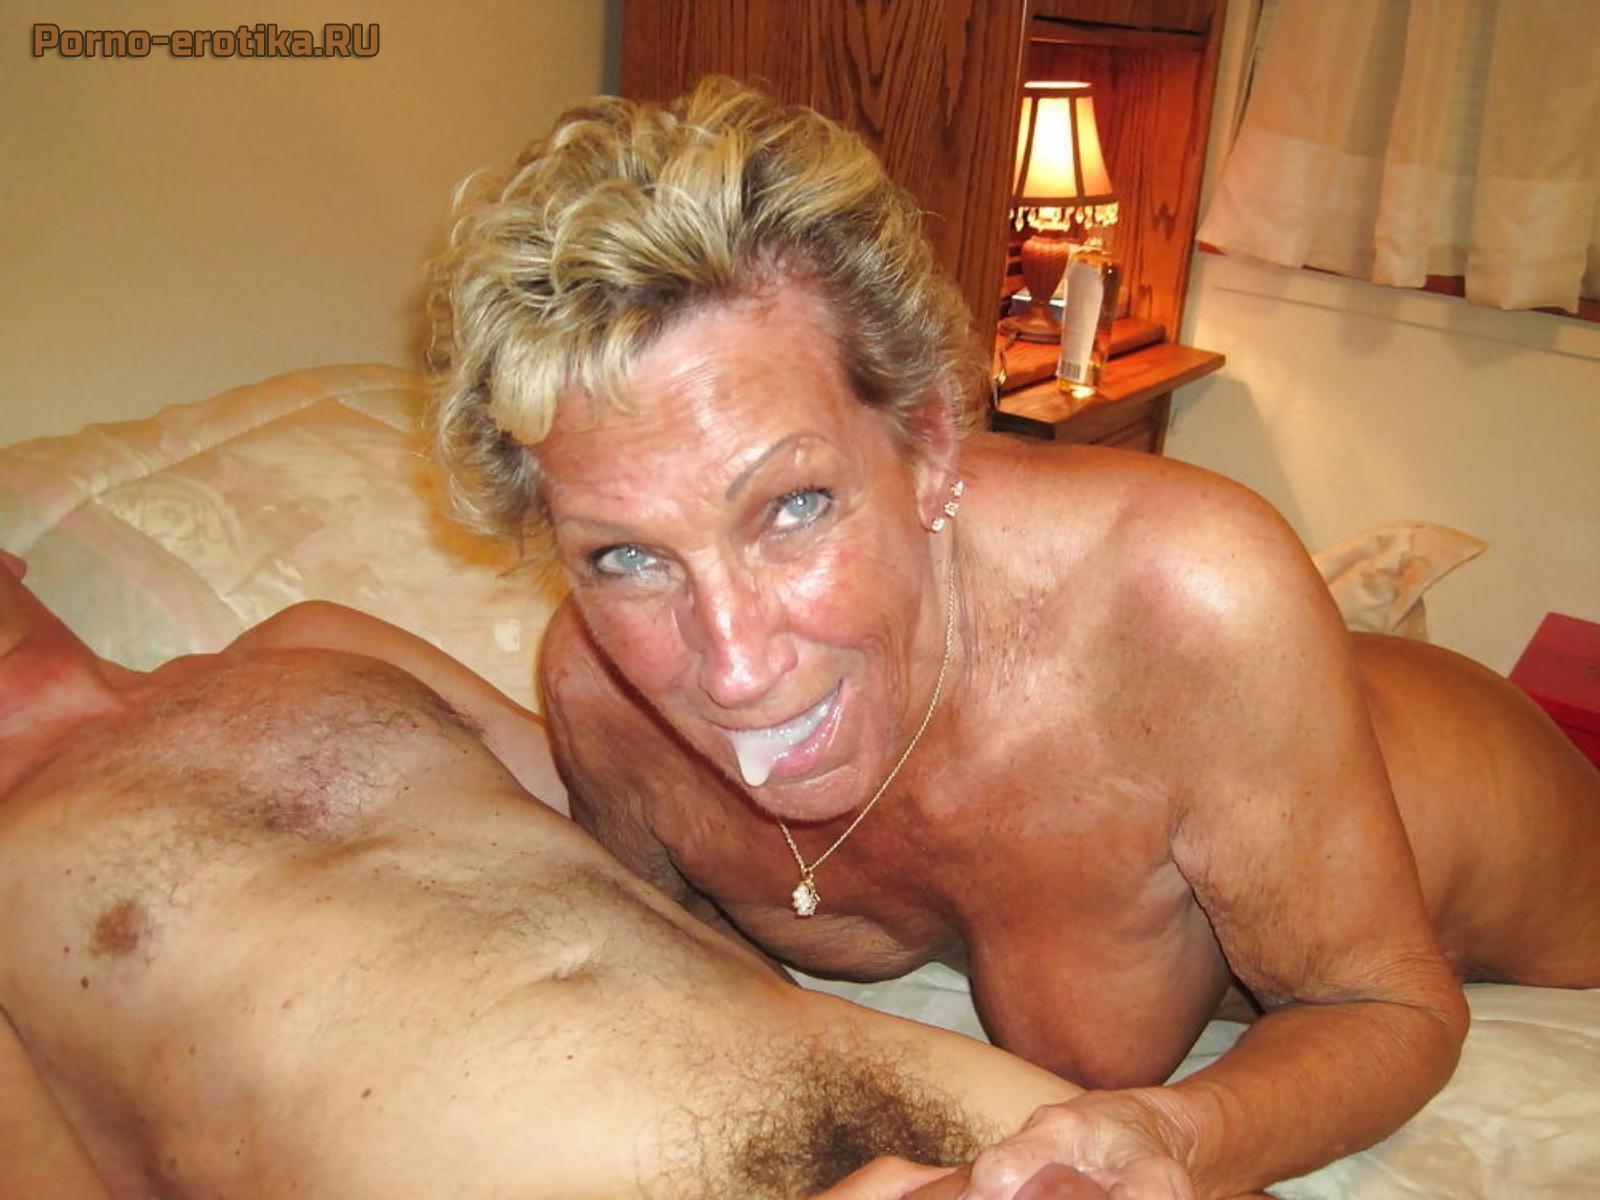 Фото пожилых в сперме